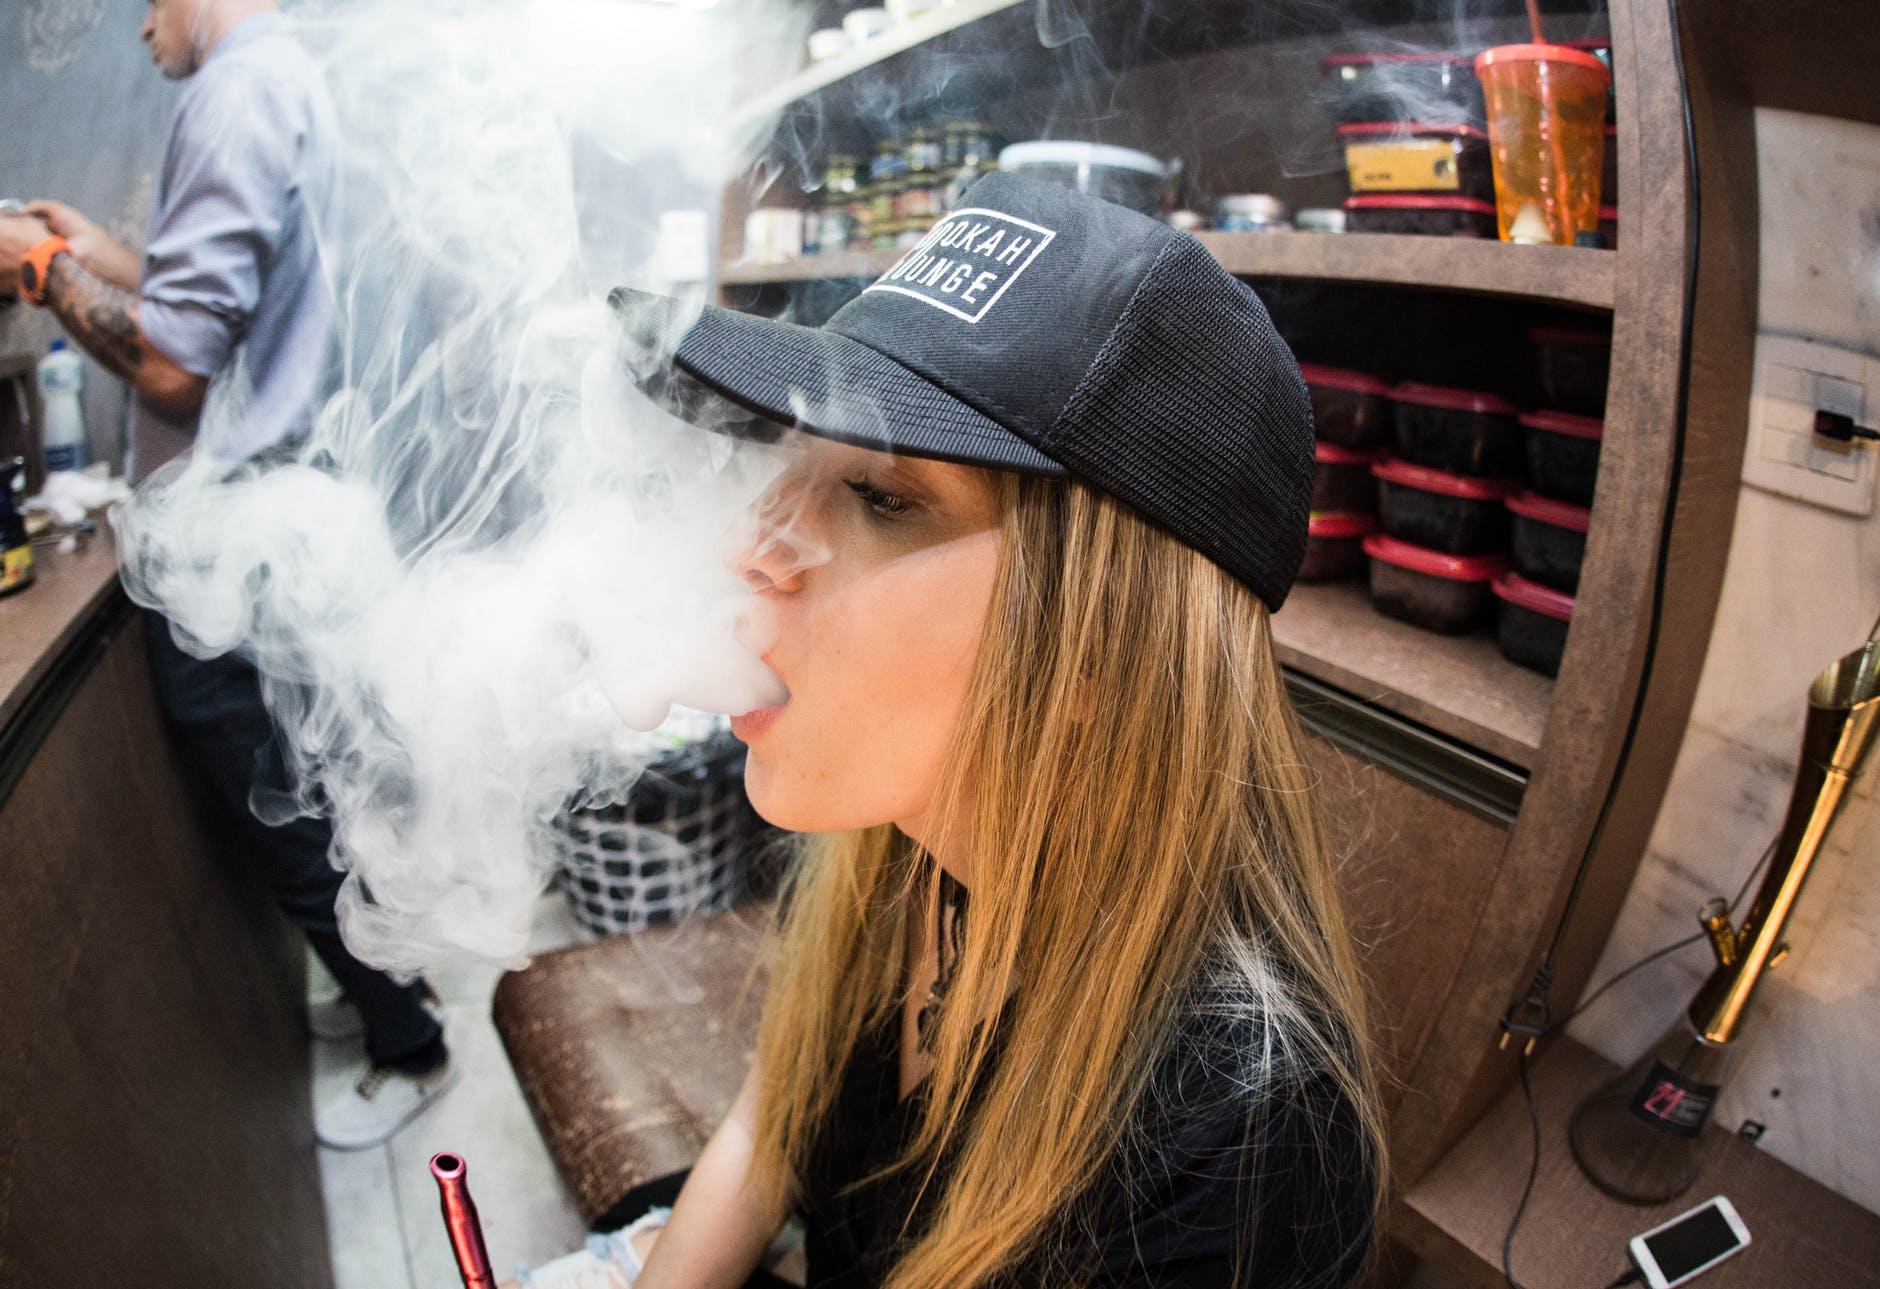 vaping, smoke